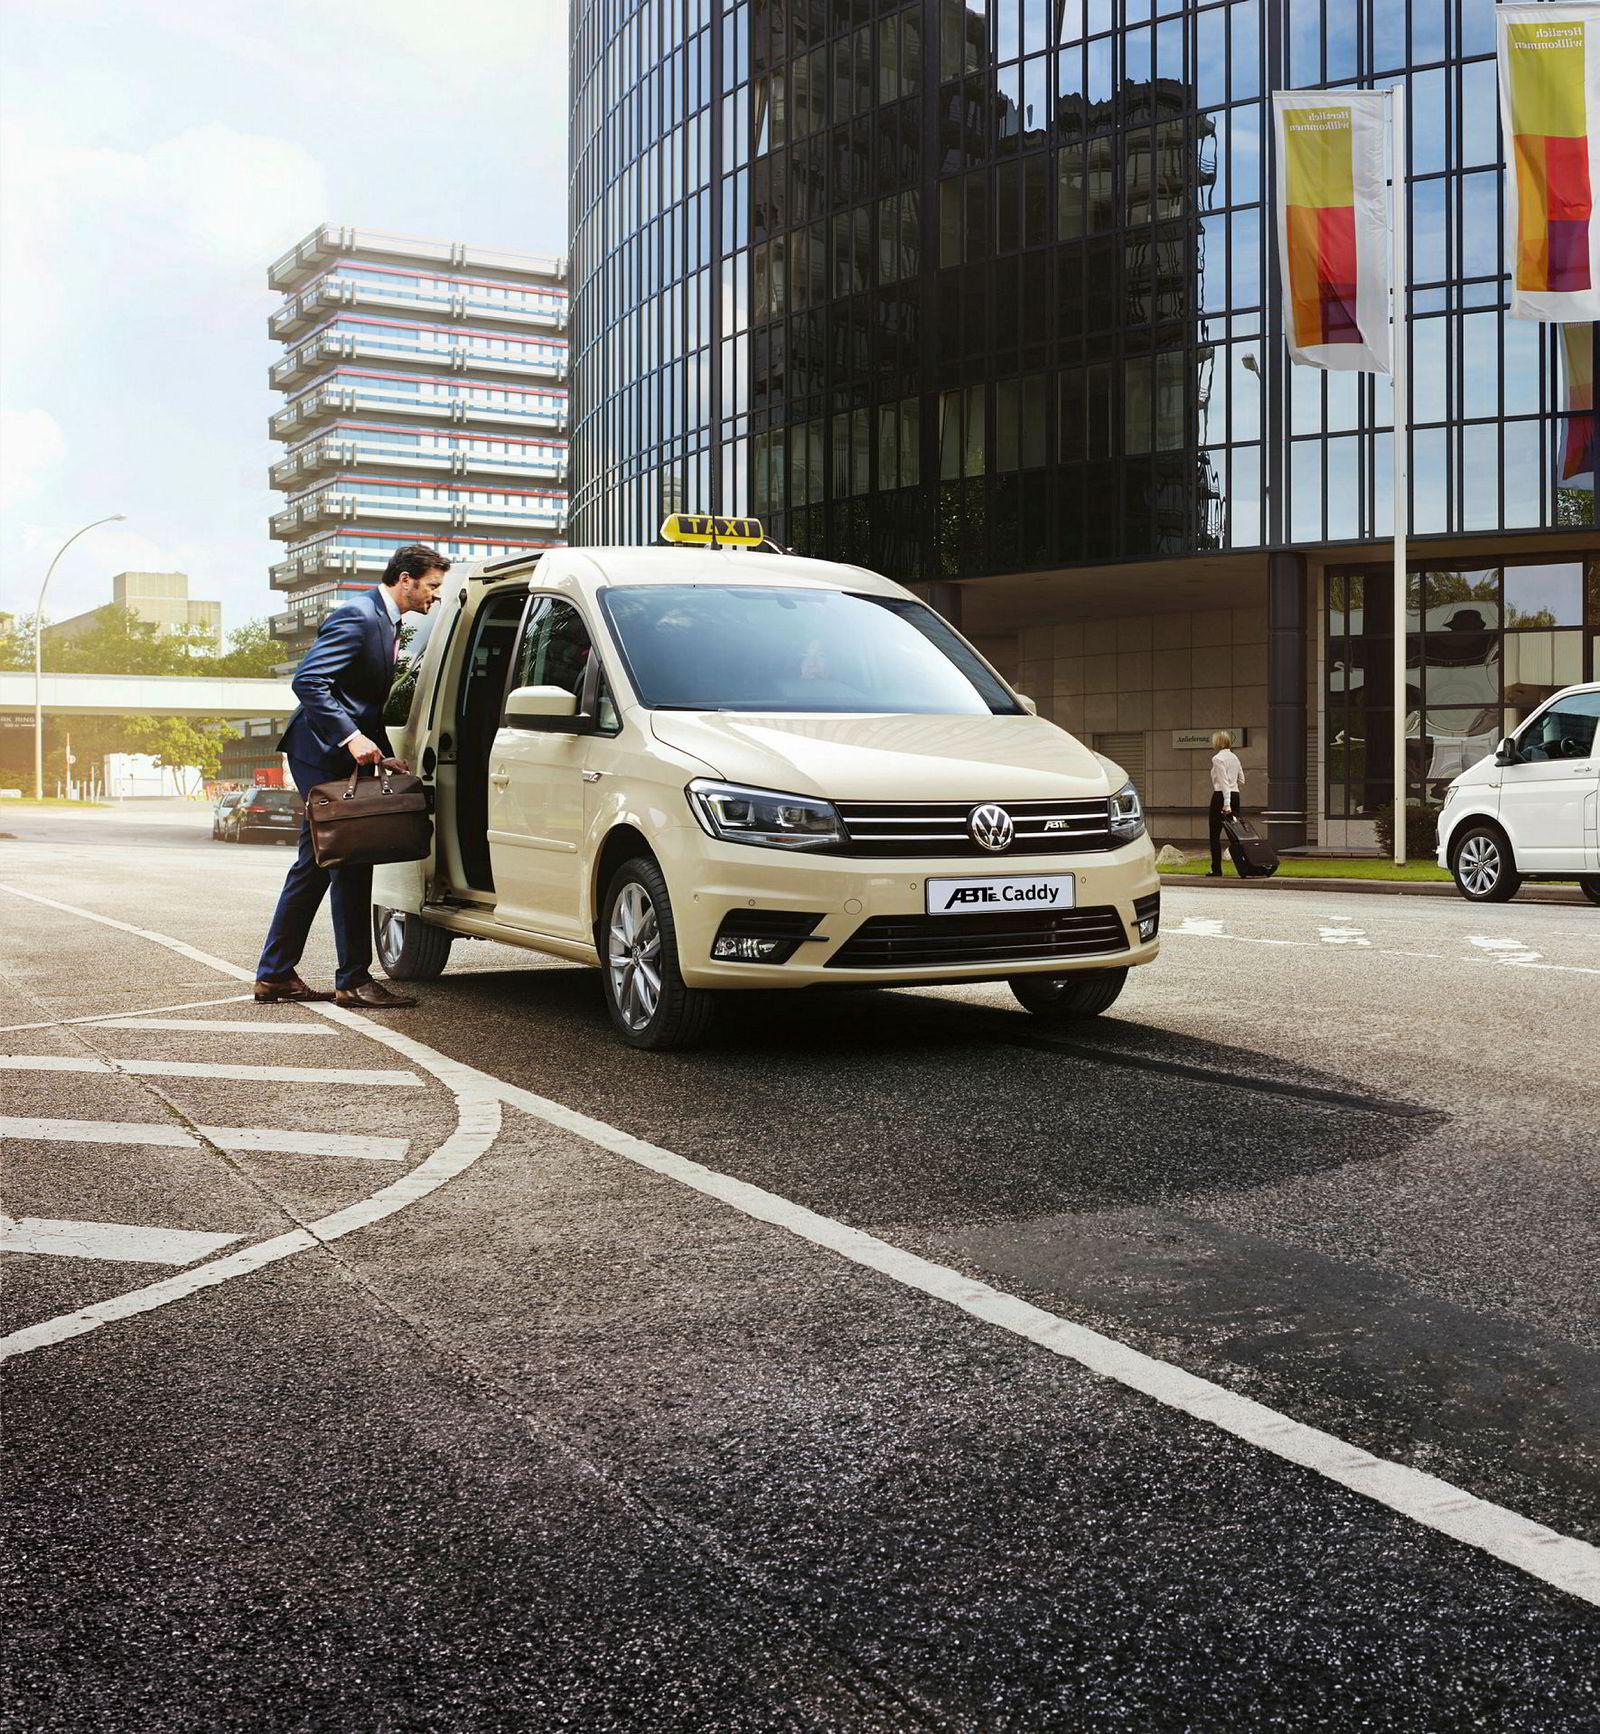 Her er Volkswagen ABT e-Caddy som drosje.